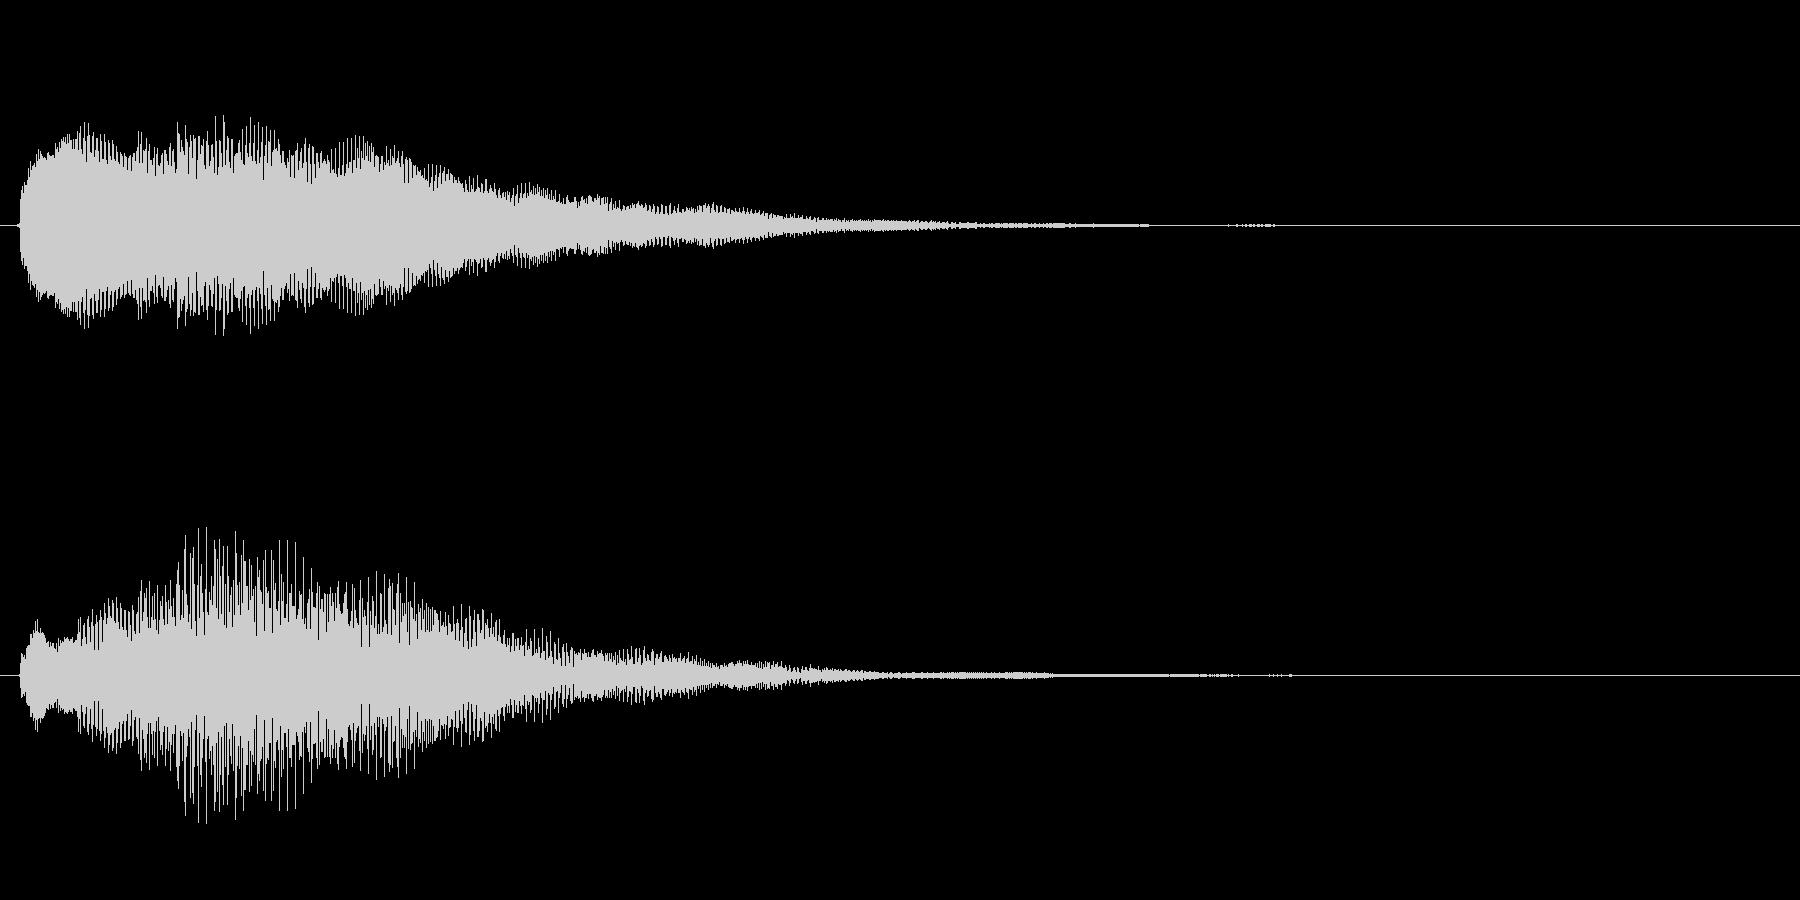 キラキラしたベルの上昇音3の未再生の波形